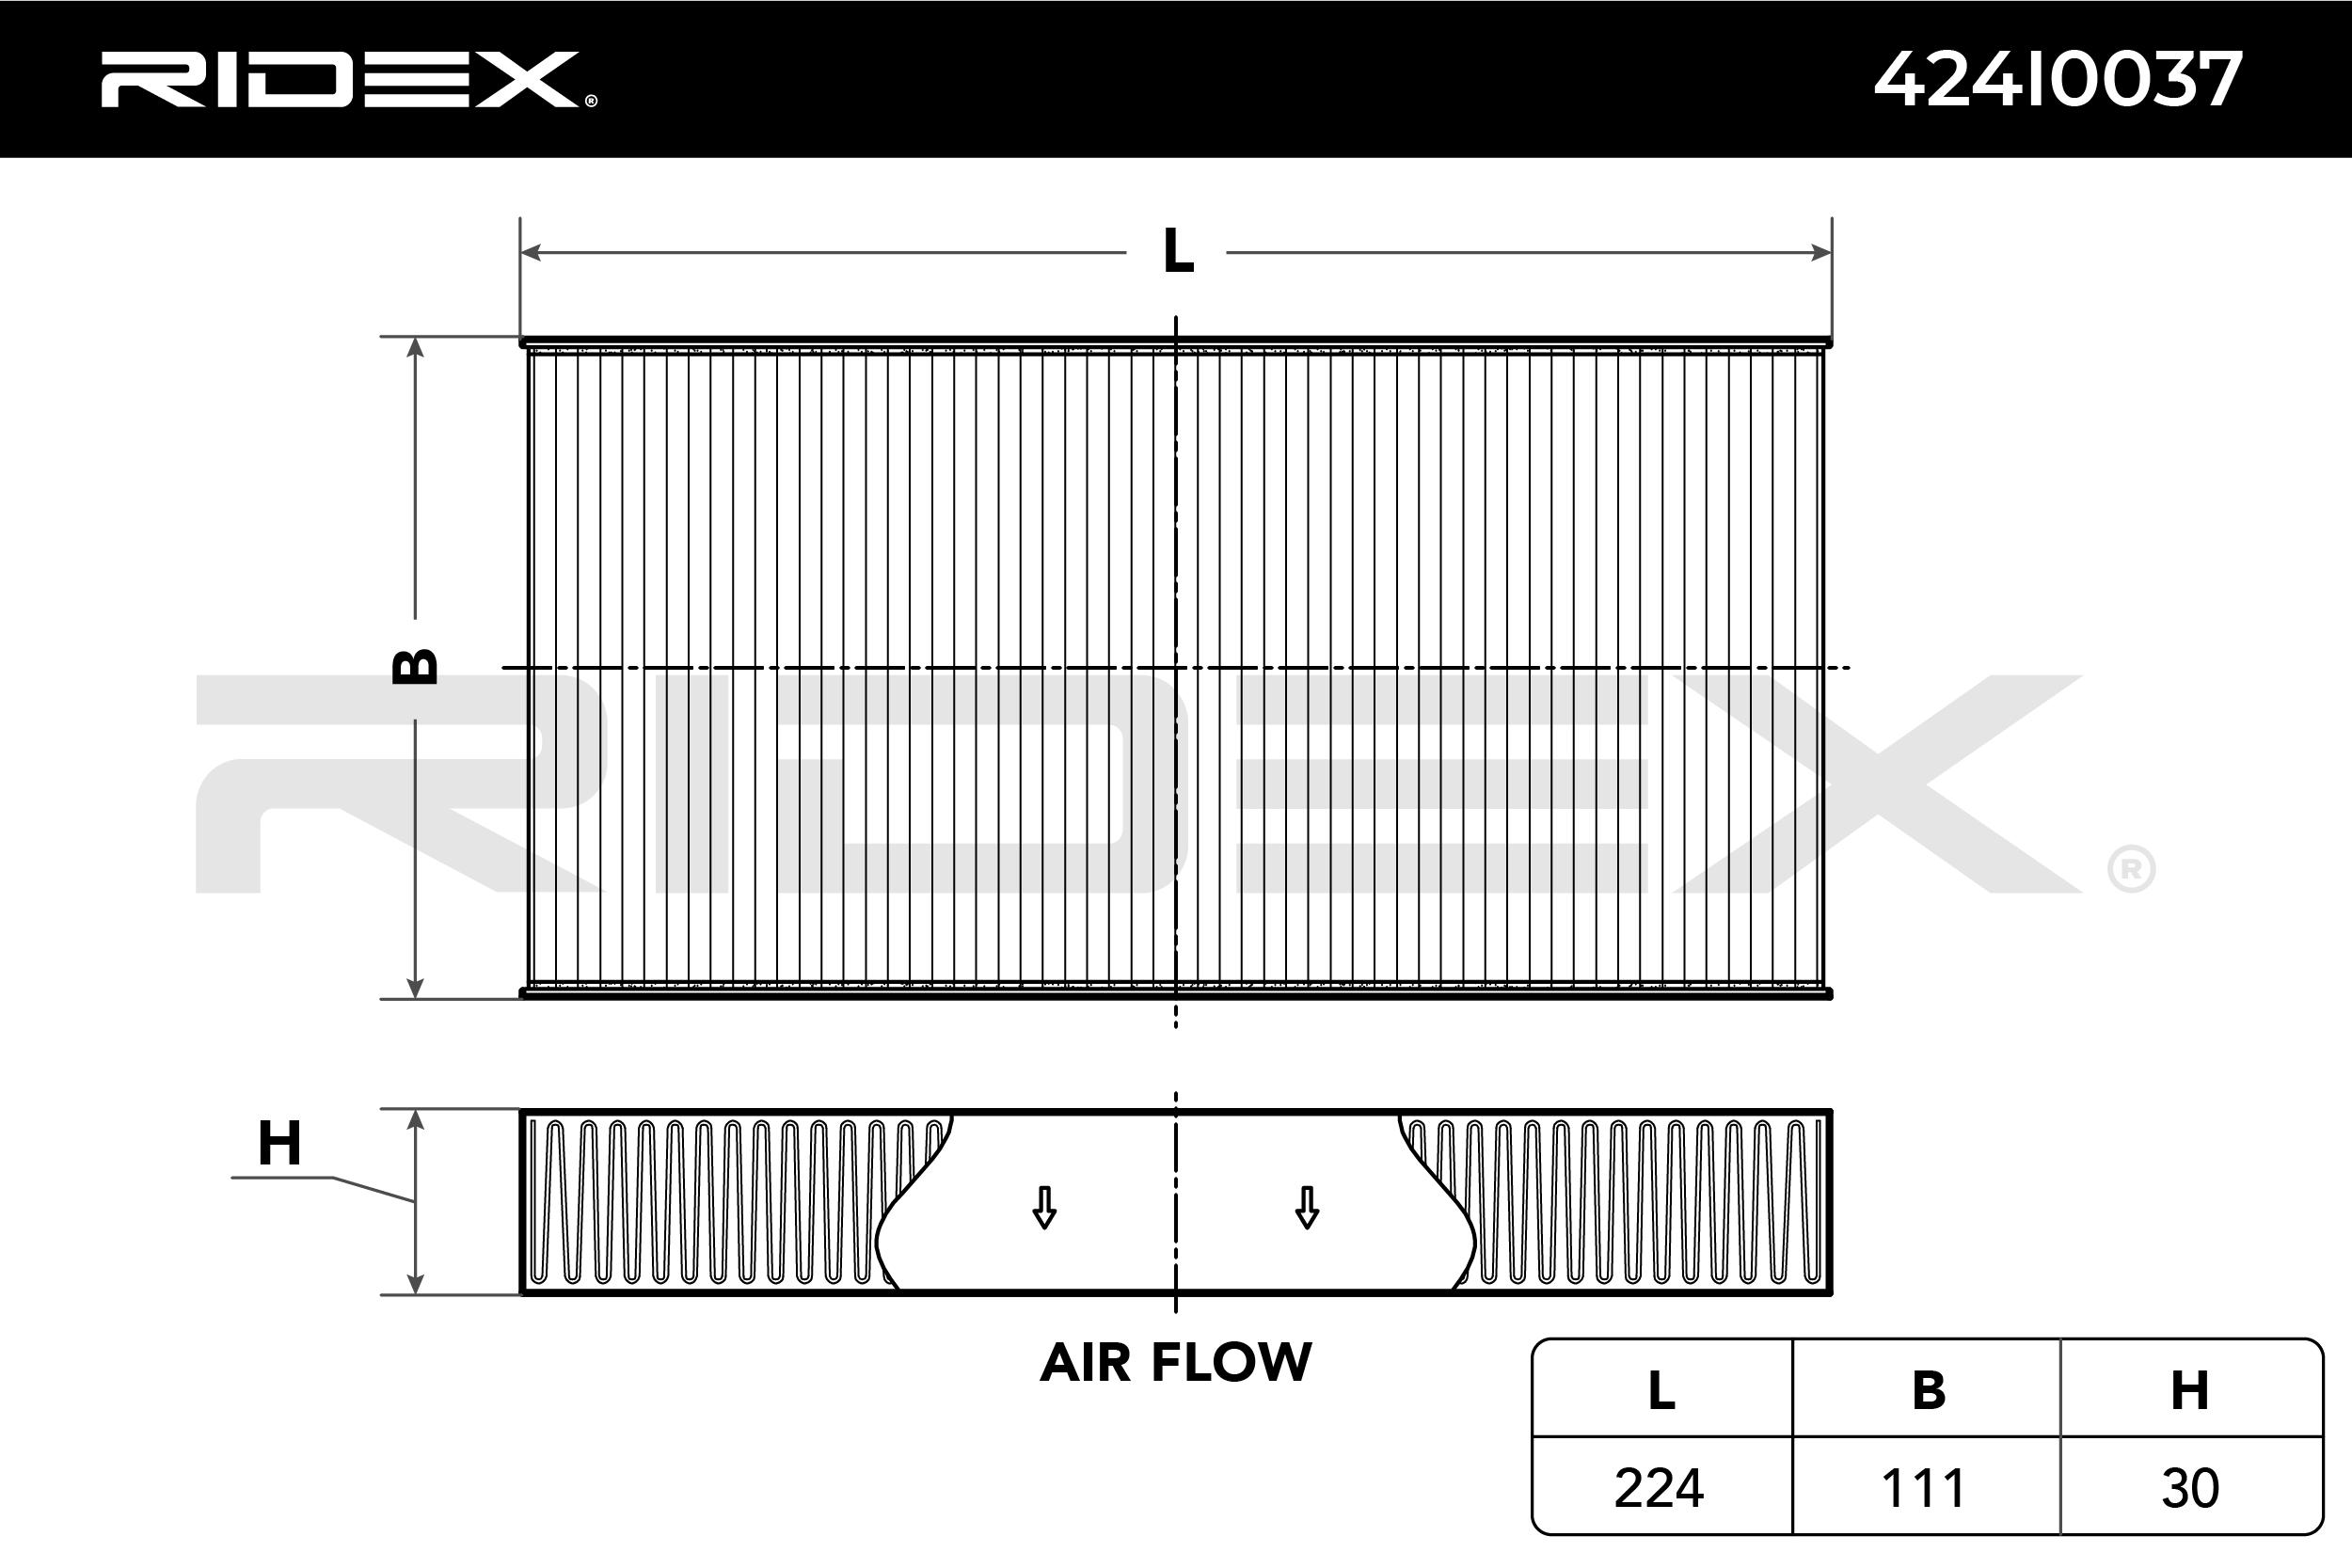 Cabin Filter RIDEX 424I0037 rating